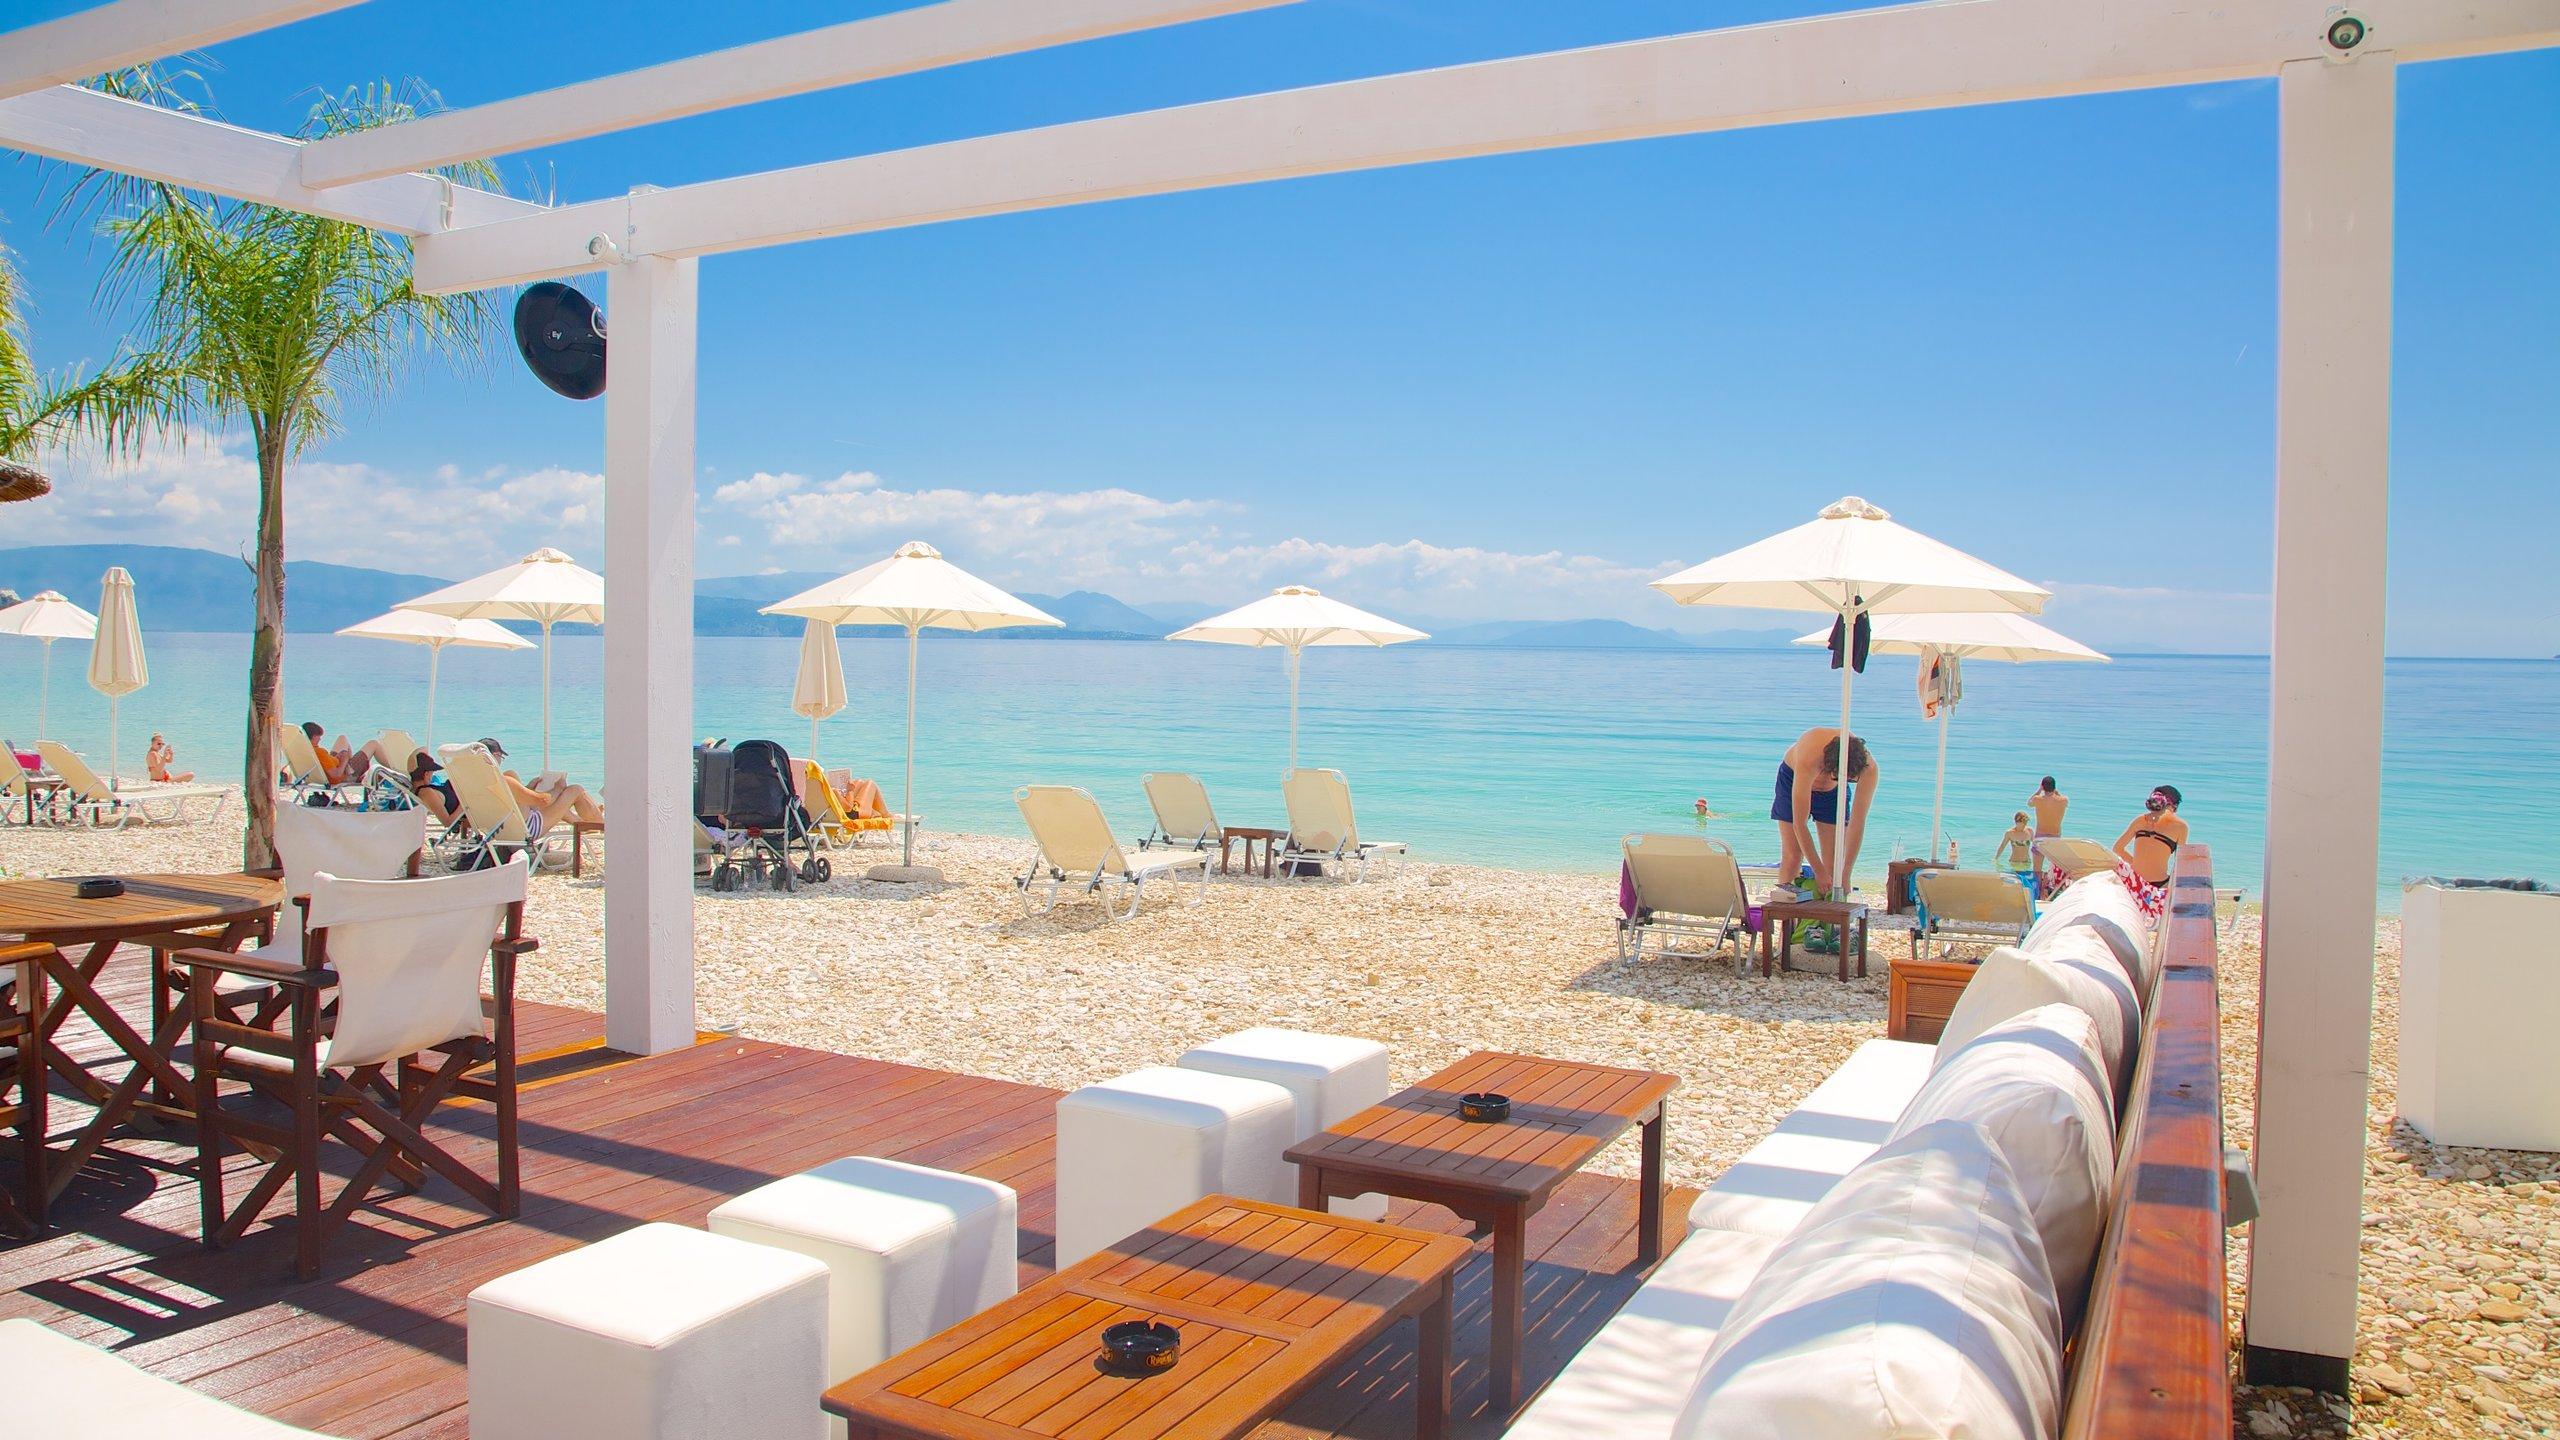 ¿Te apetece una tarde de tranquilidad por Barbati? Playa de Barbati te encantará. Y, ya que estás en la zona, ¿por qué no recorrer la bonita costa o salir de bares?